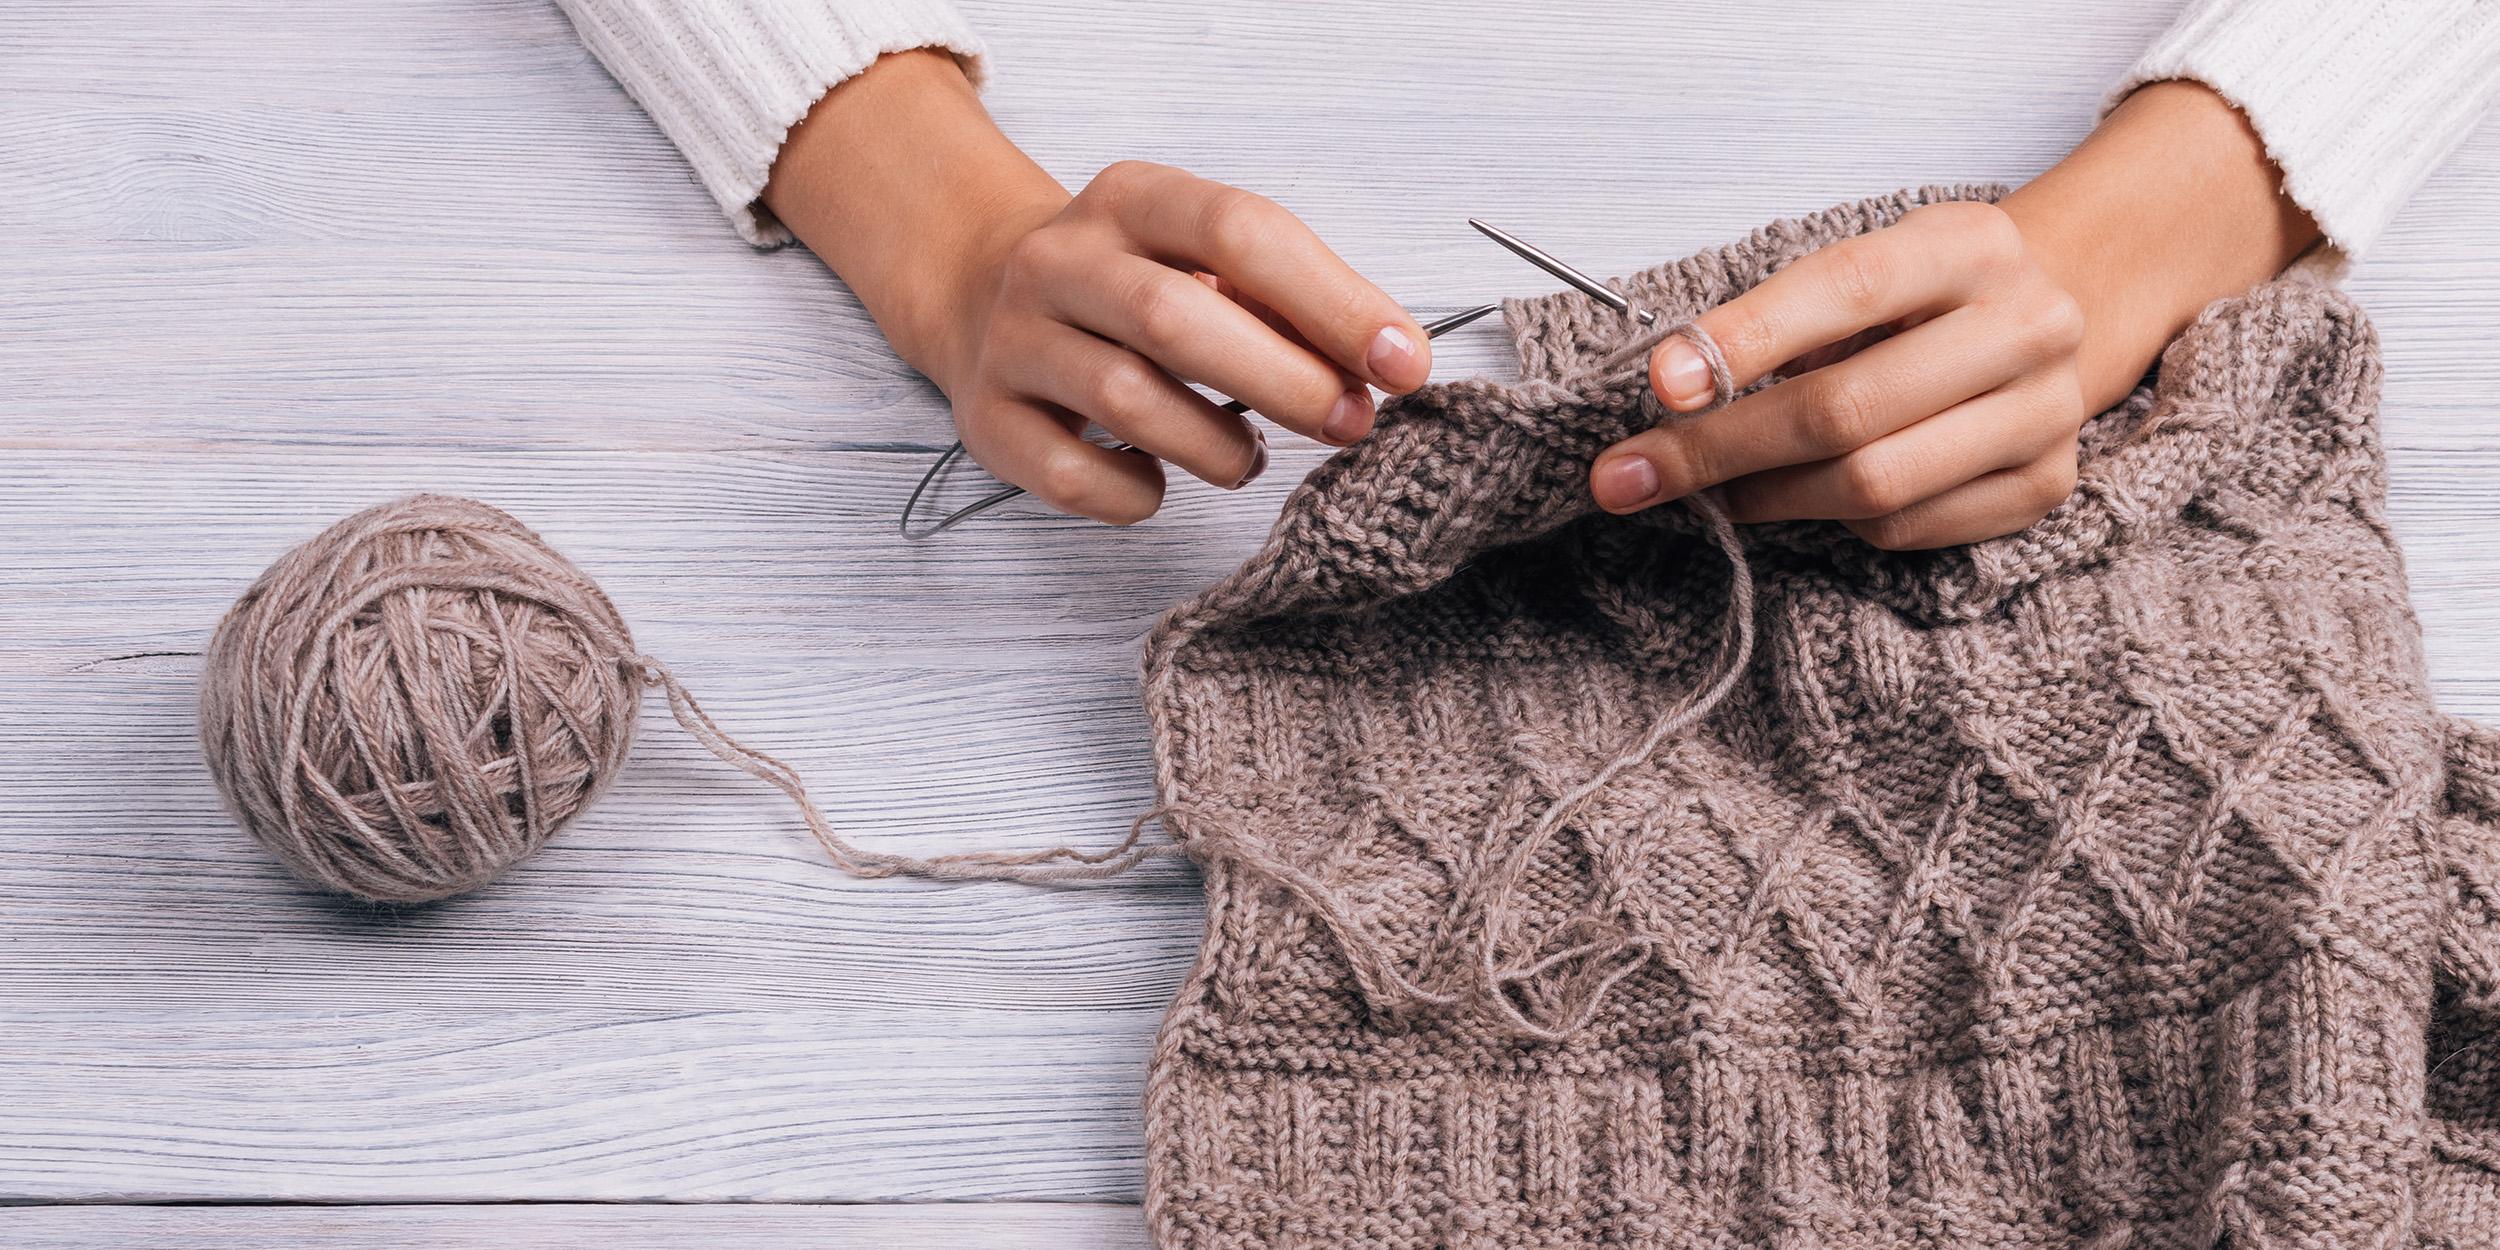 как научиться вязать спицами и крючком подробная инструкция для